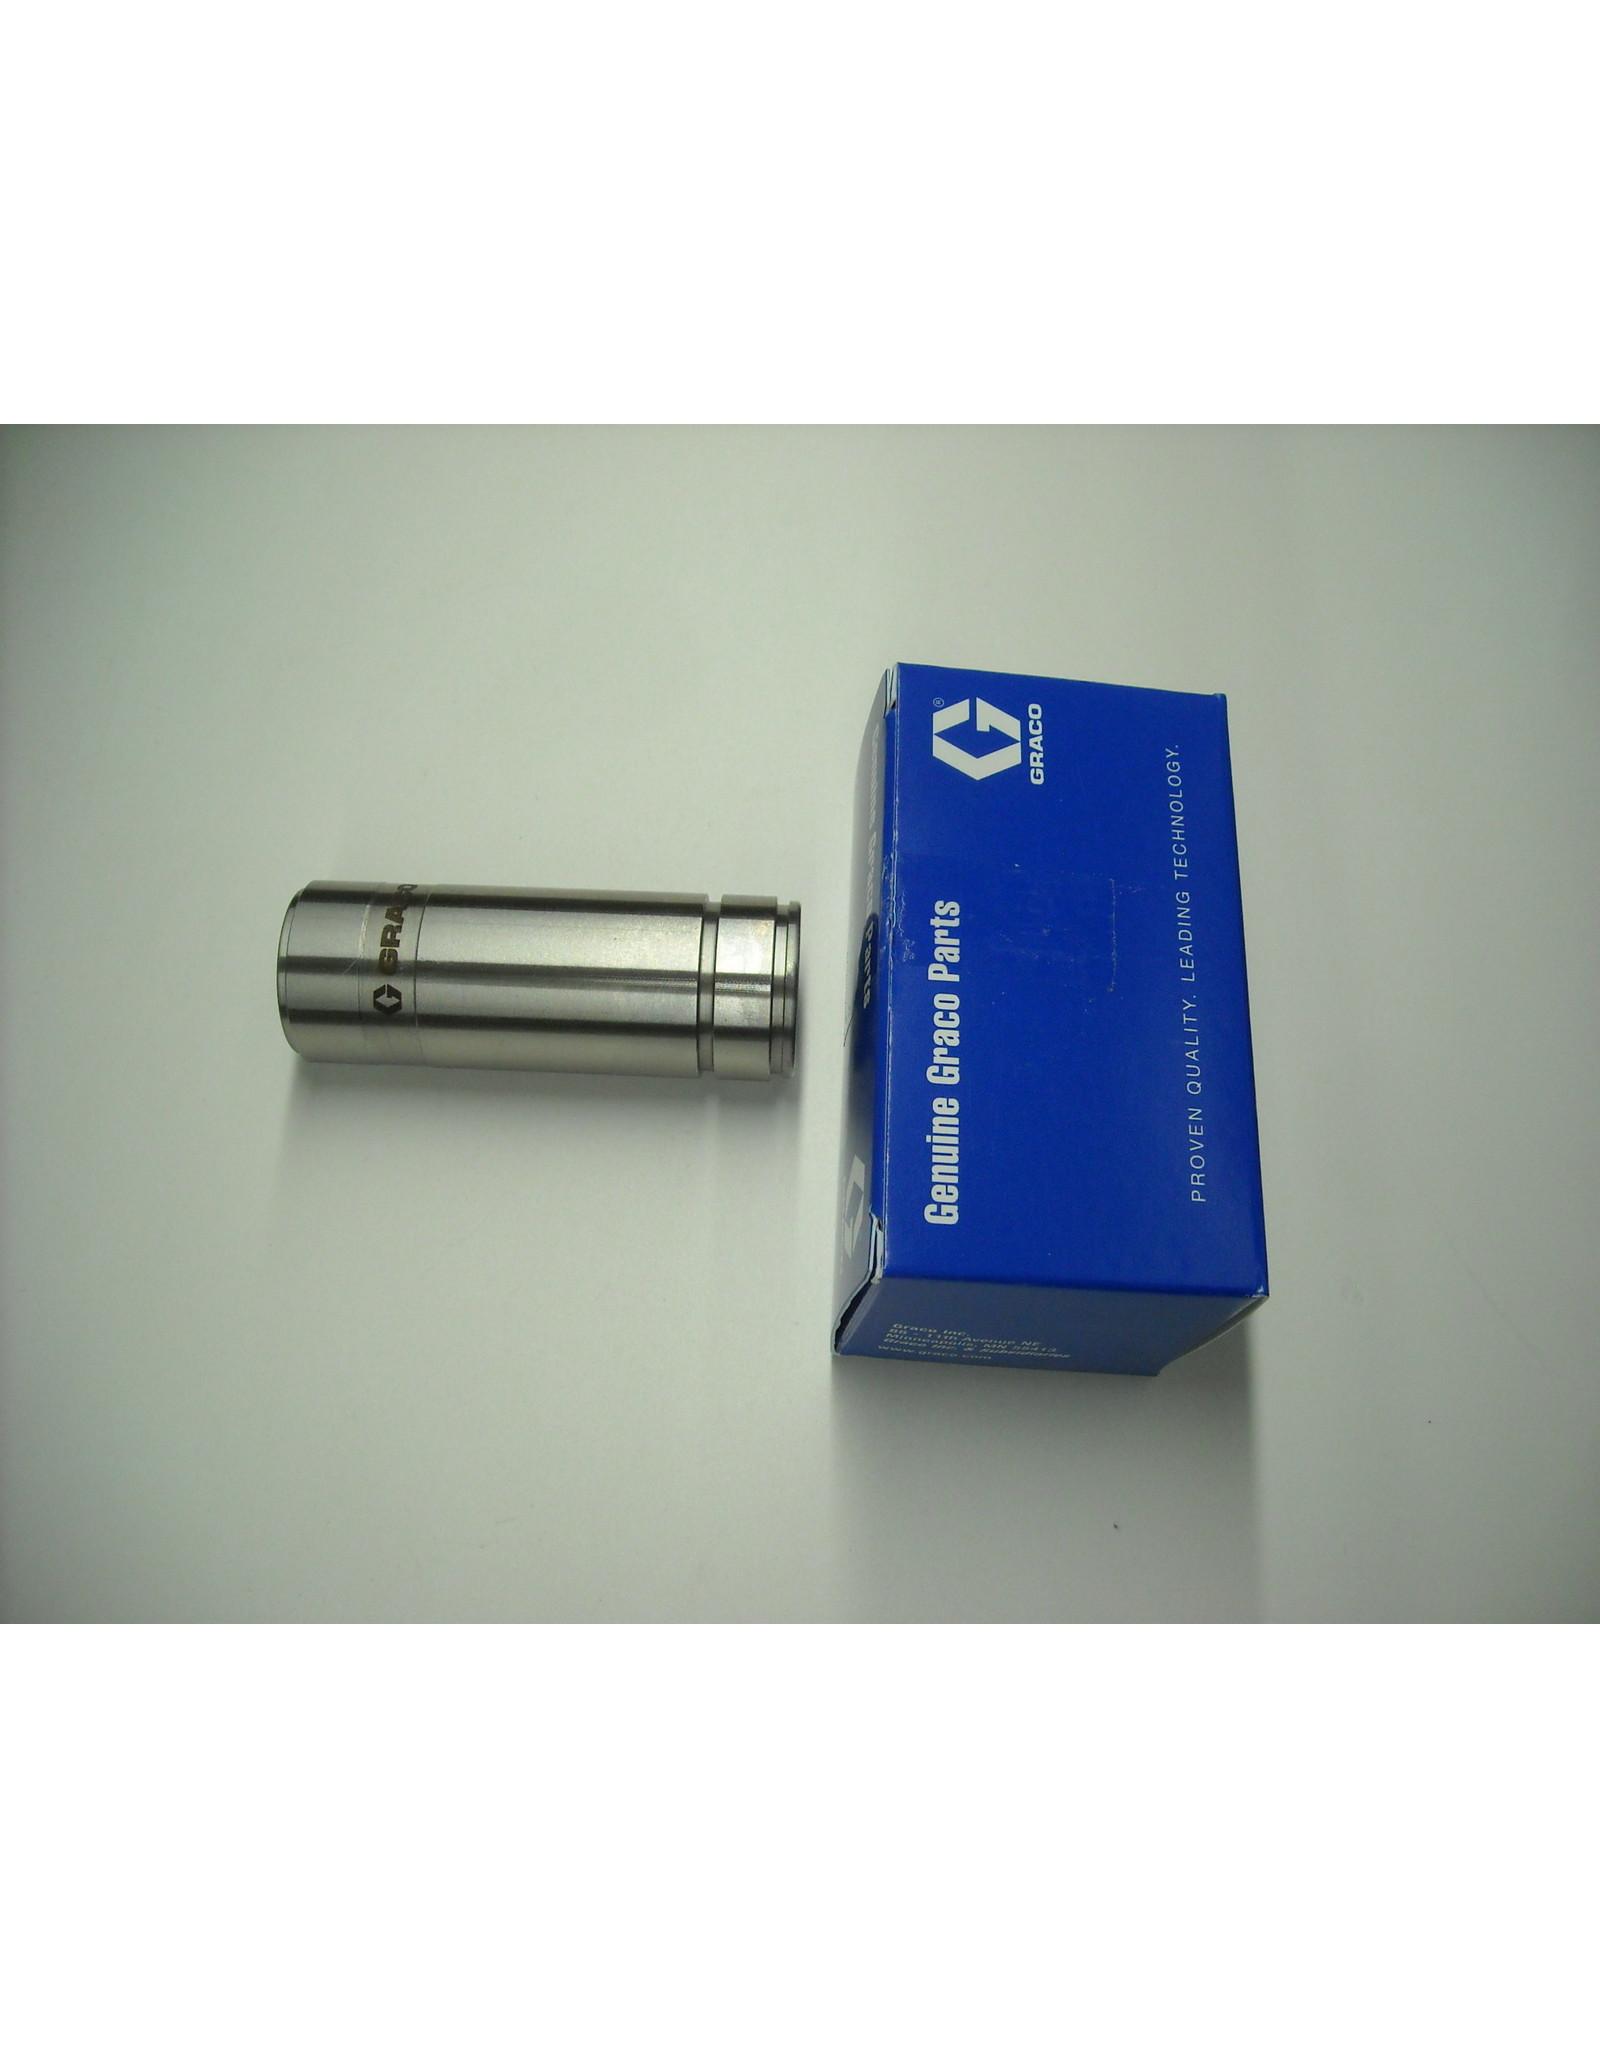 Graco 248209 Graco  Cylinder Sleeve 695 /795 UM 2